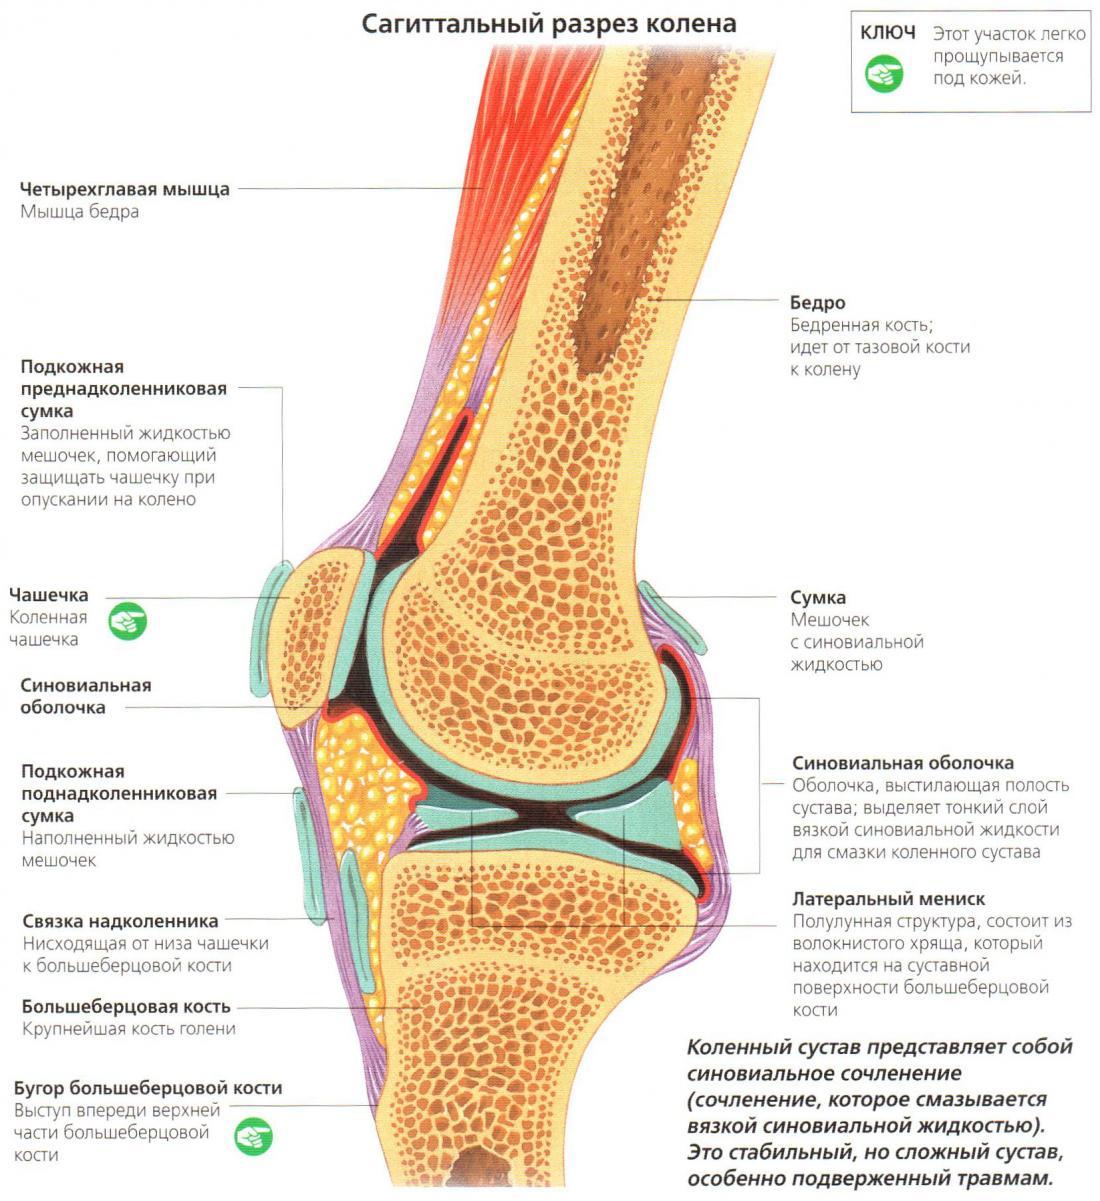 образовательные курсы WellFitness, сагиттальный разрез колена